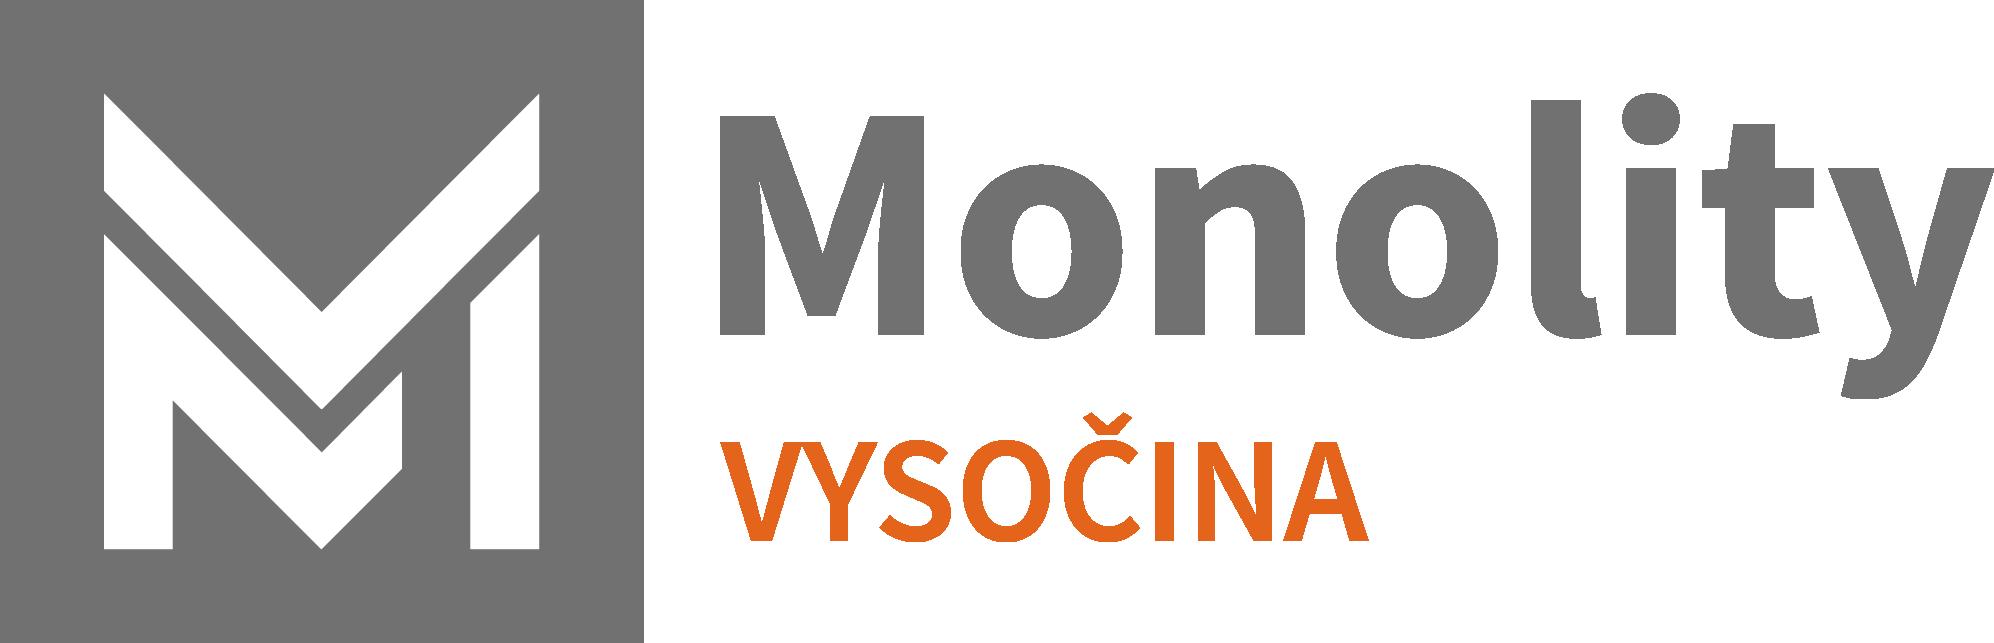 Monolity Vysočina